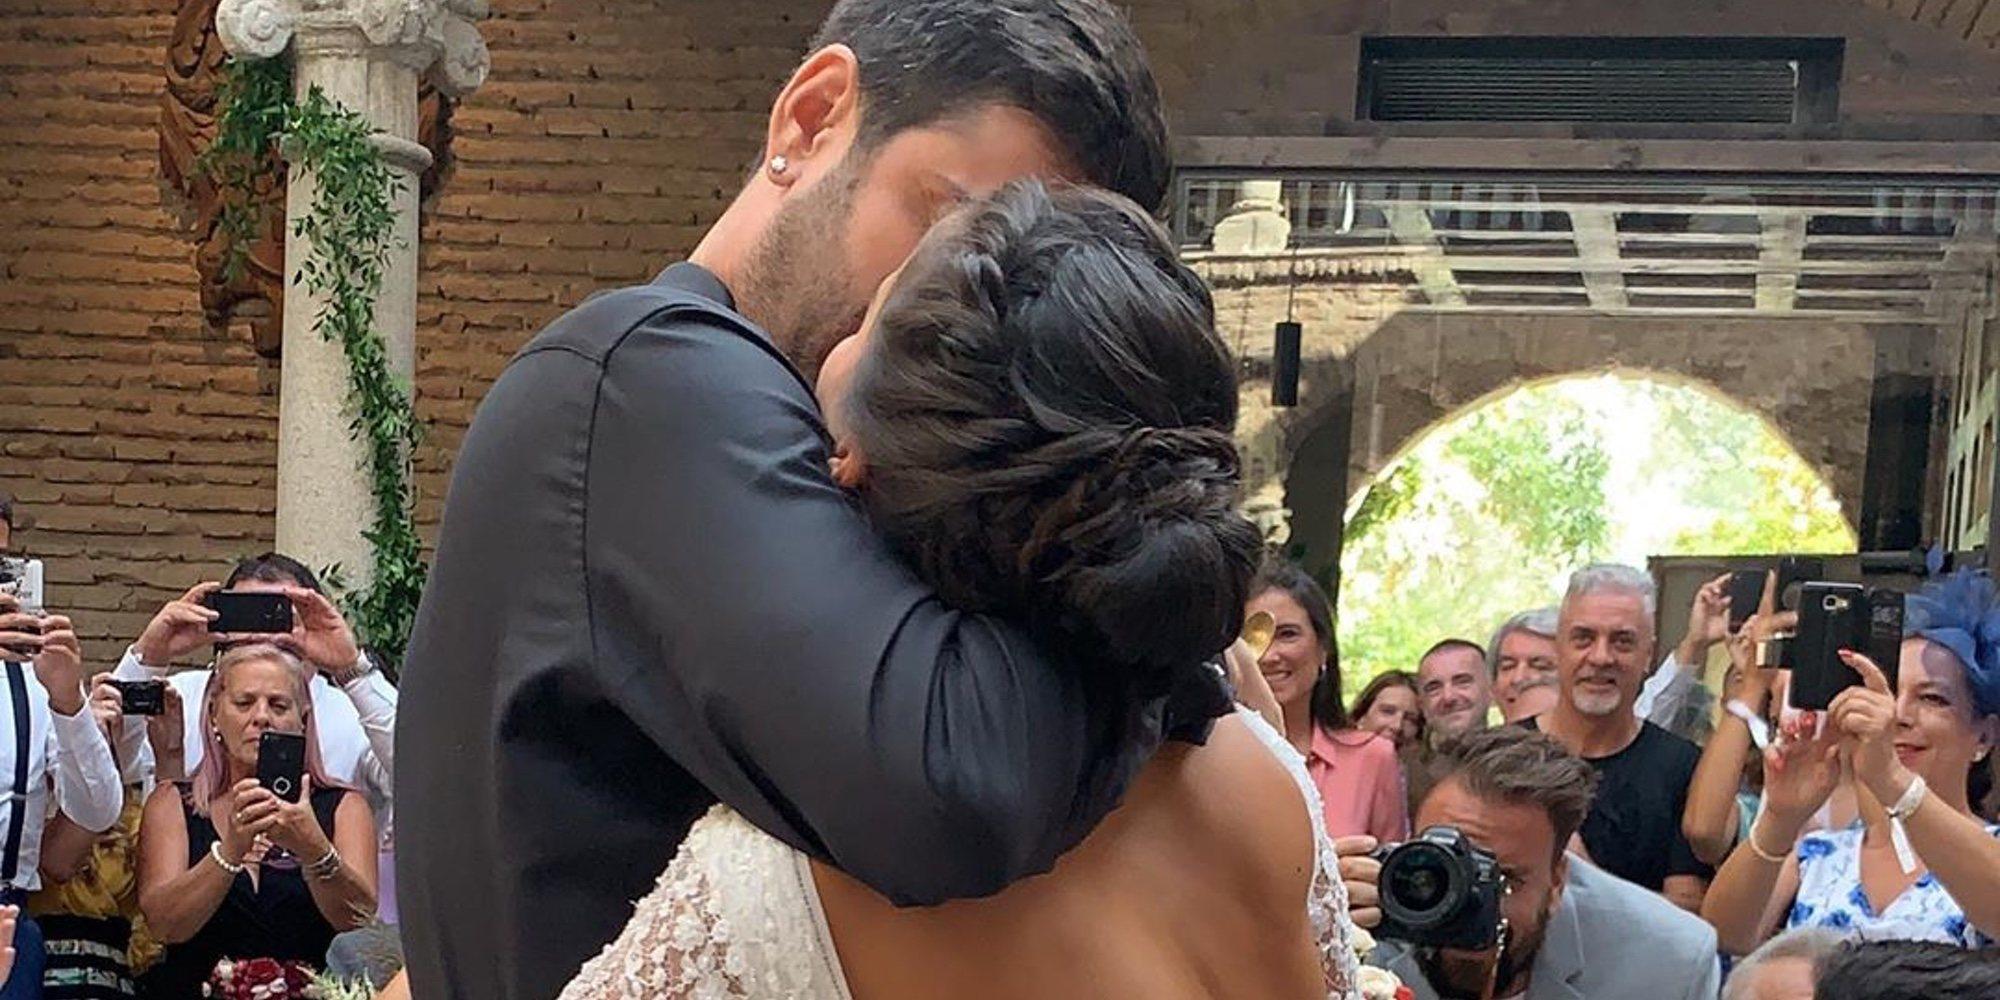 Melendi y Julia Nakamatsu se casan un día después de la fecha prevista para su boda